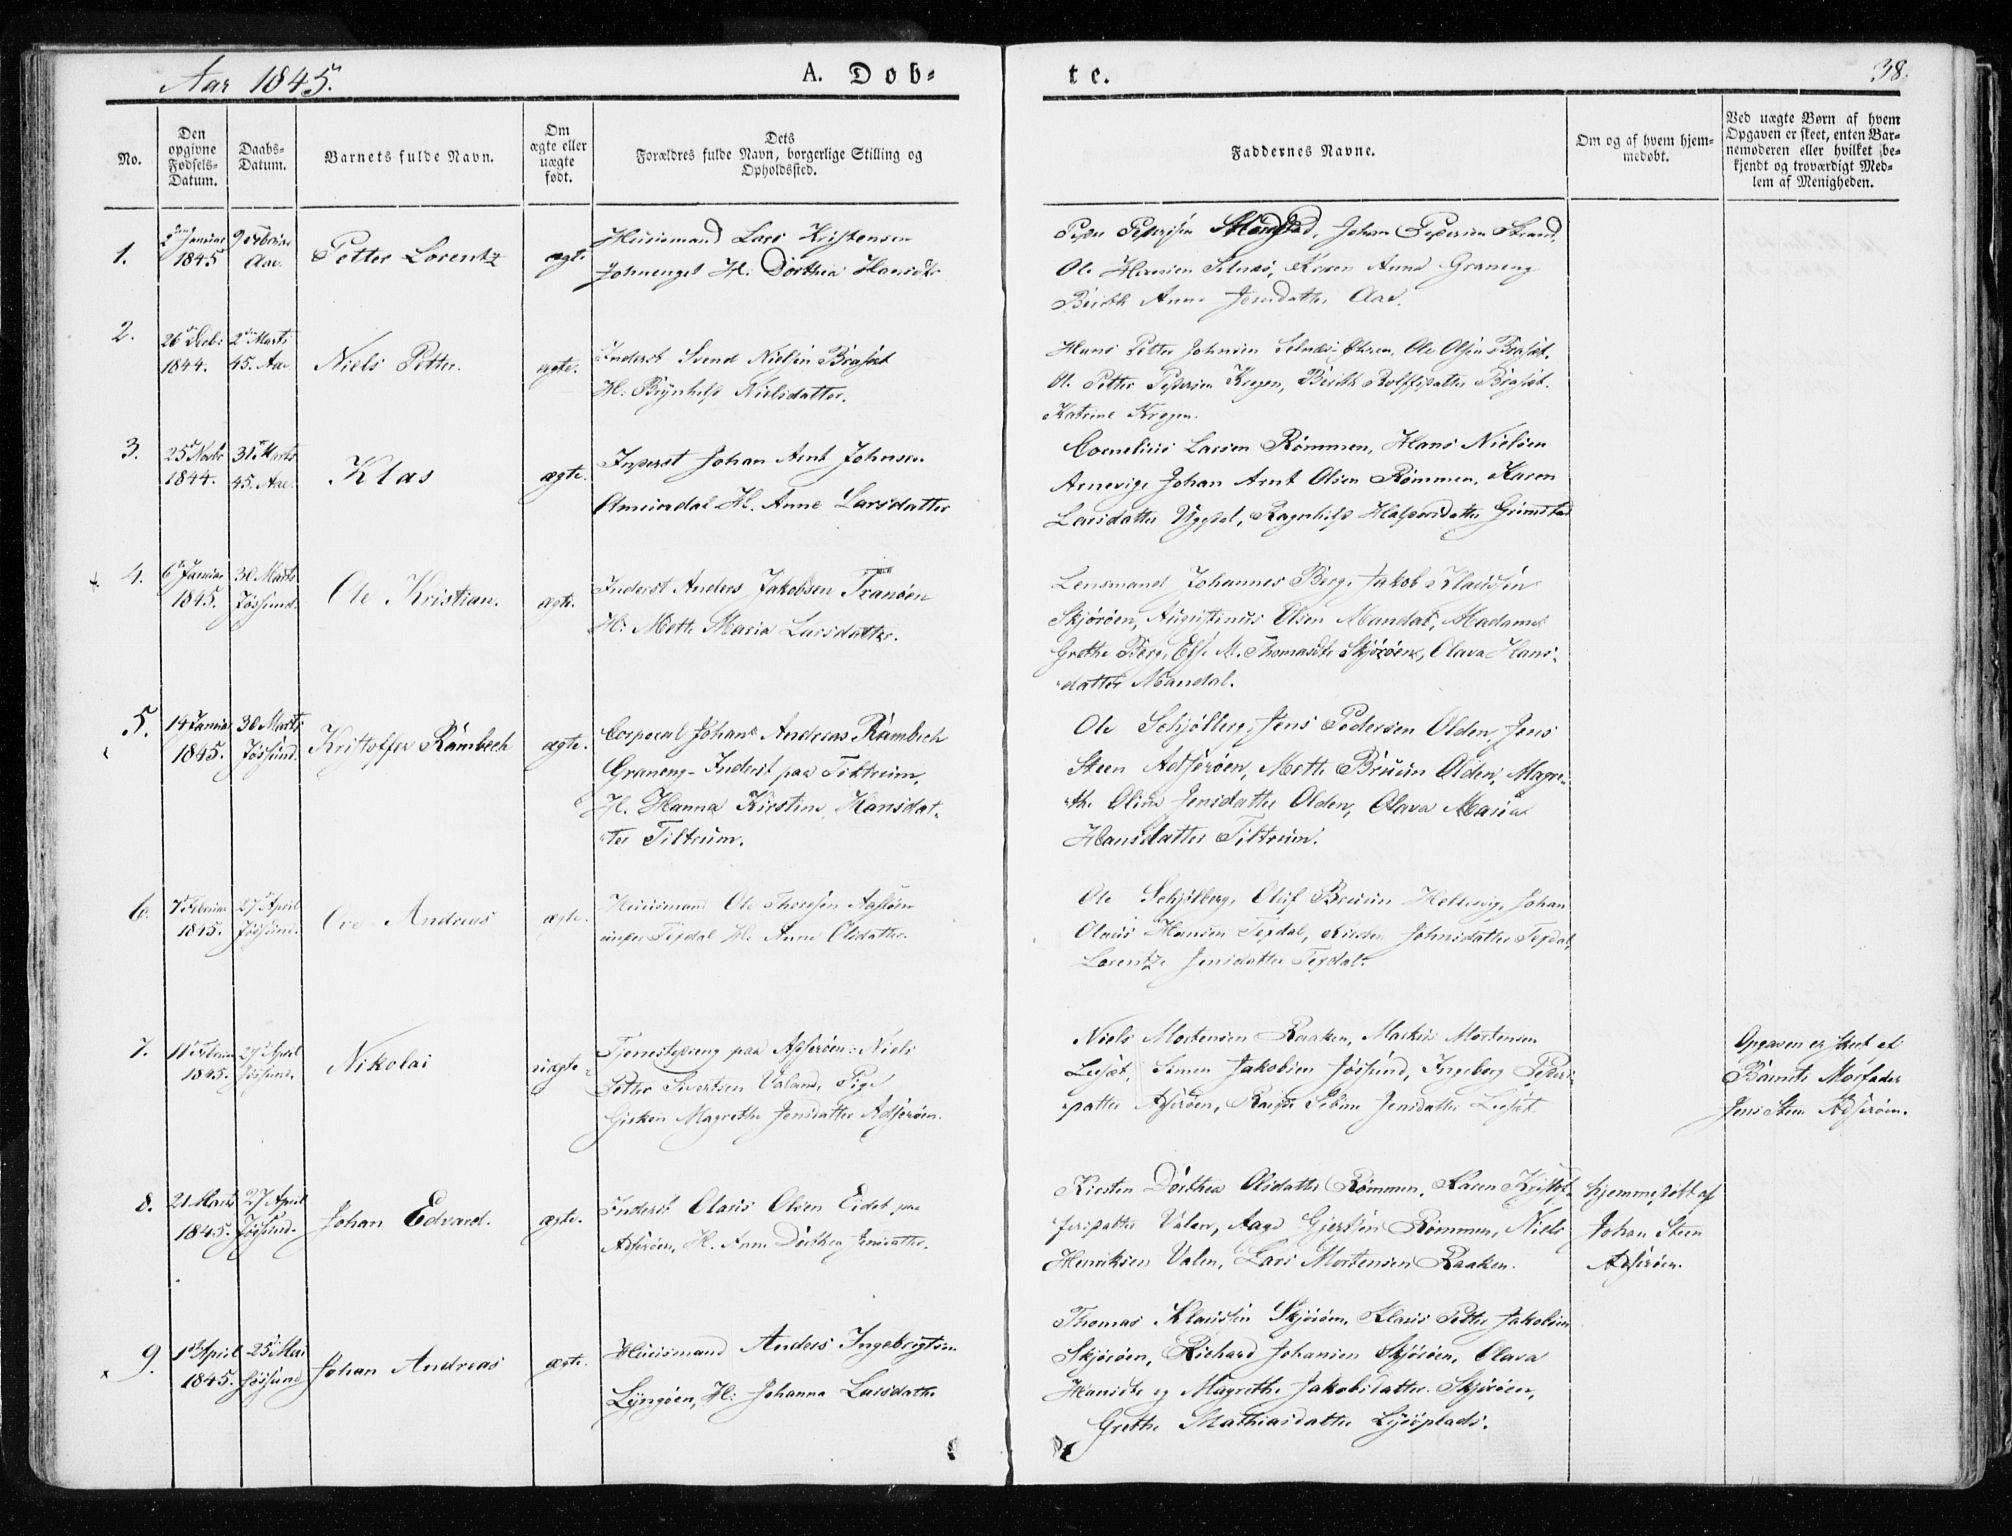 SAT, Ministerialprotokoller, klokkerbøker og fødselsregistre - Sør-Trøndelag, 655/L0676: Ministerialbok nr. 655A05, 1830-1847, s. 38